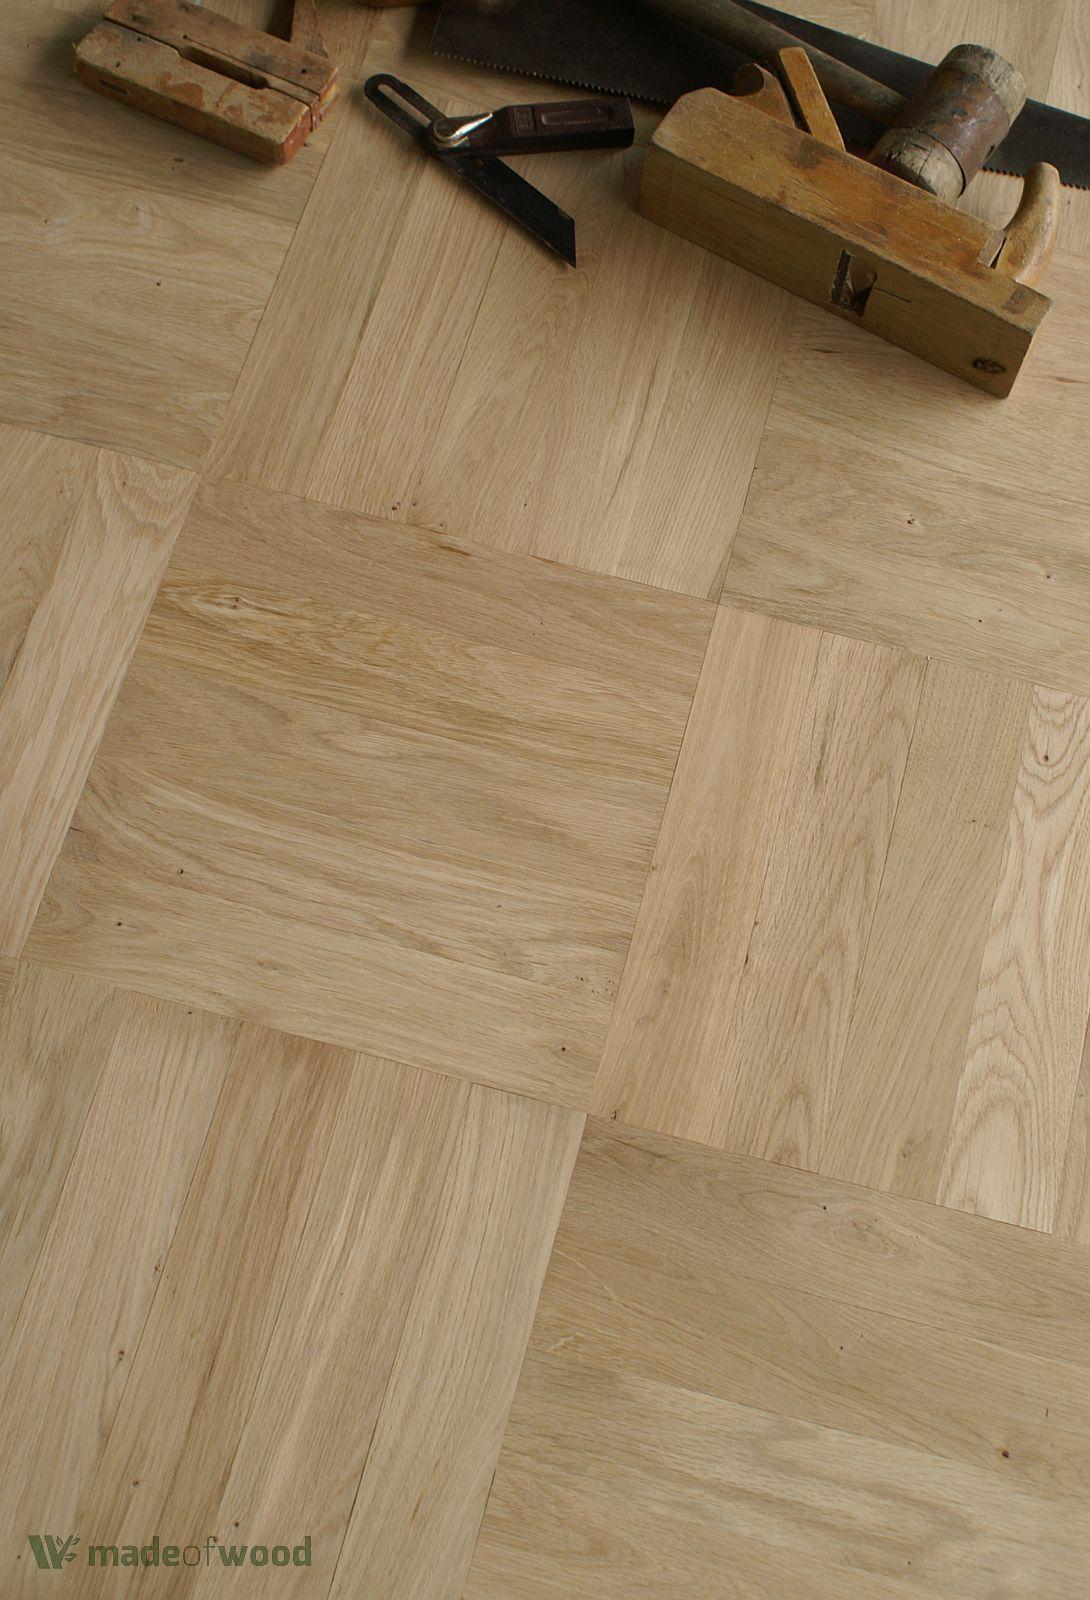 Oak wood 12 parquet classique prime grade square - Parquet classique ...